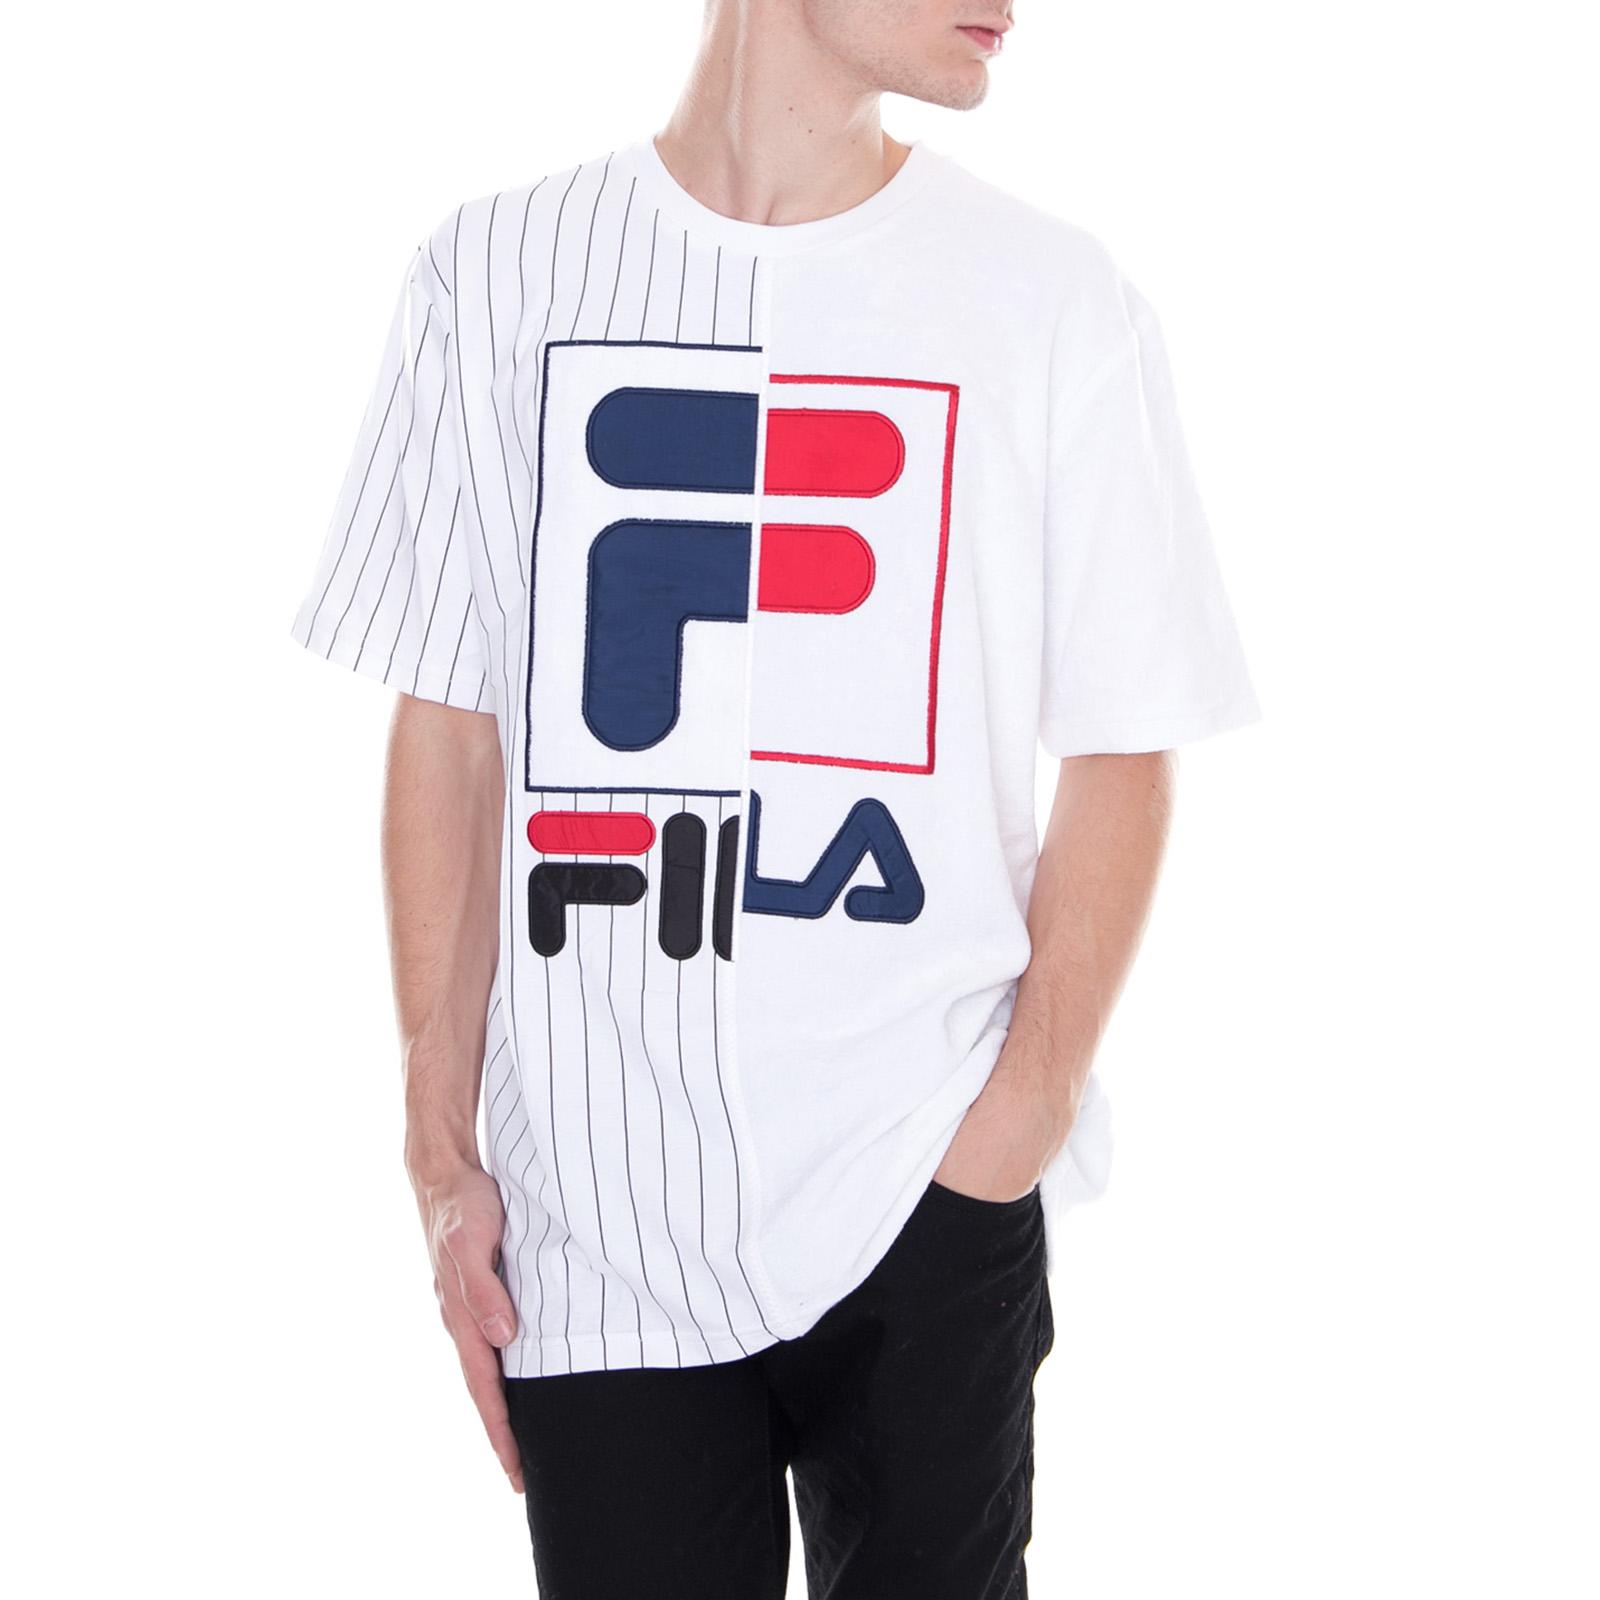 Fila T-Shirt Aiden Tee White White